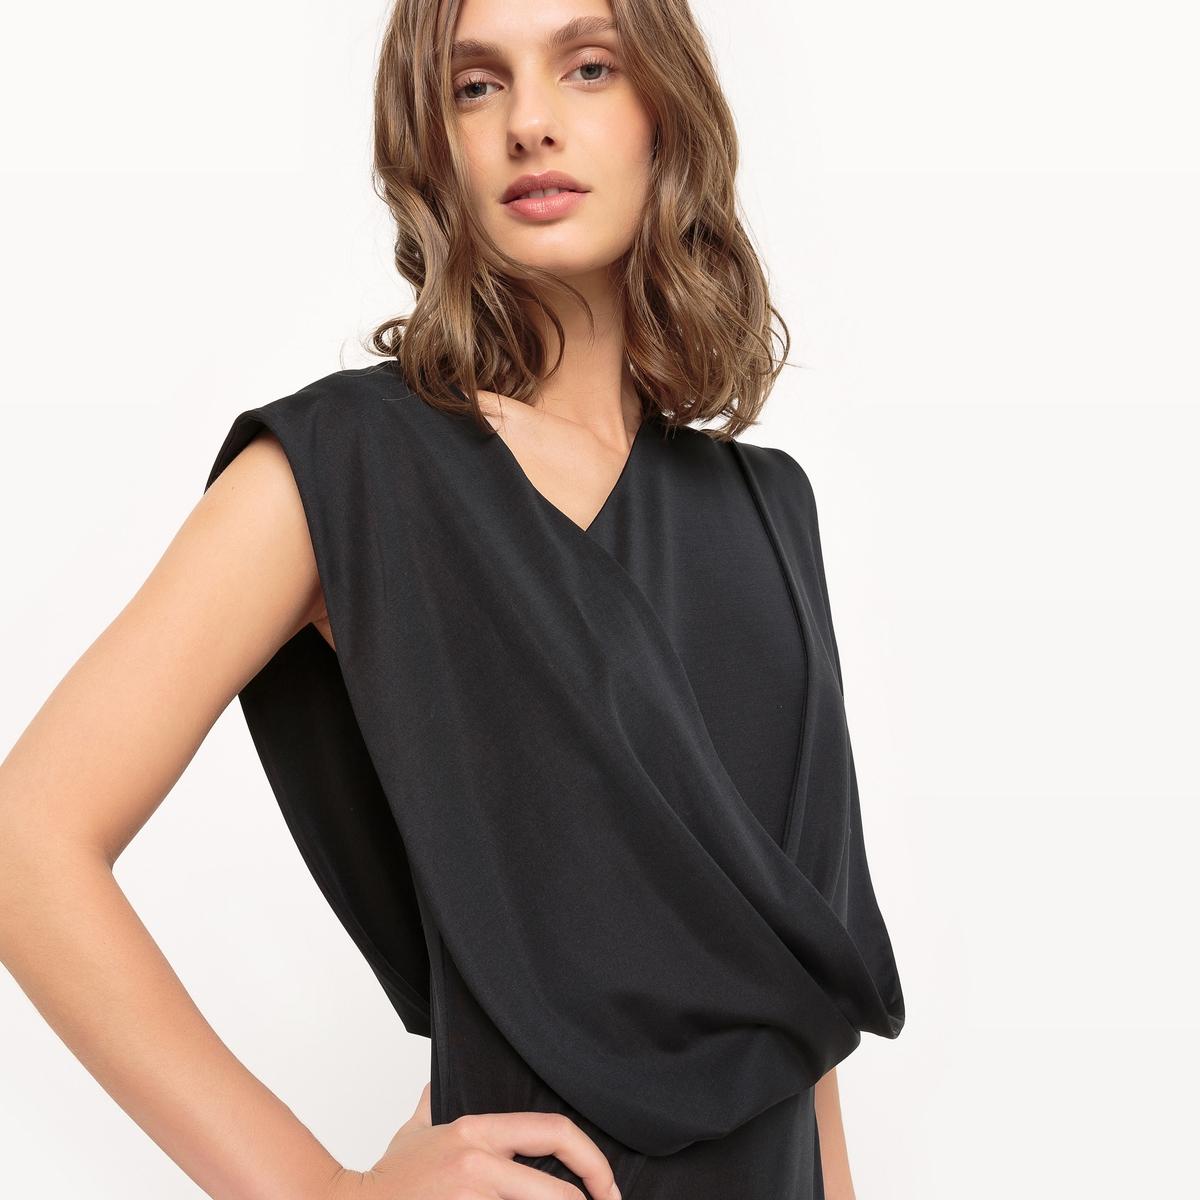 Платье длинное без рукавовДлинное платье из трикотажа. Асимметричный прямой покрой, со складками. Без рукавов. Широкая лента для эффекта драпировки от плеча по боковой стороне. Состав и описание Материал : 90% полиэстера, 10% эластанаДлина : 148 см Марка : Manon Vandrisse для La RedouteУходМашинная стирка при 30 °C в деликатном режимеРазрешается использование любых растворителейОтбеливание запрещеноБарабанная сушка запрещенаГладить при низкой температуре<br><br>Цвет: черный<br>Размер: 44 (FR) - 50 (RUS)